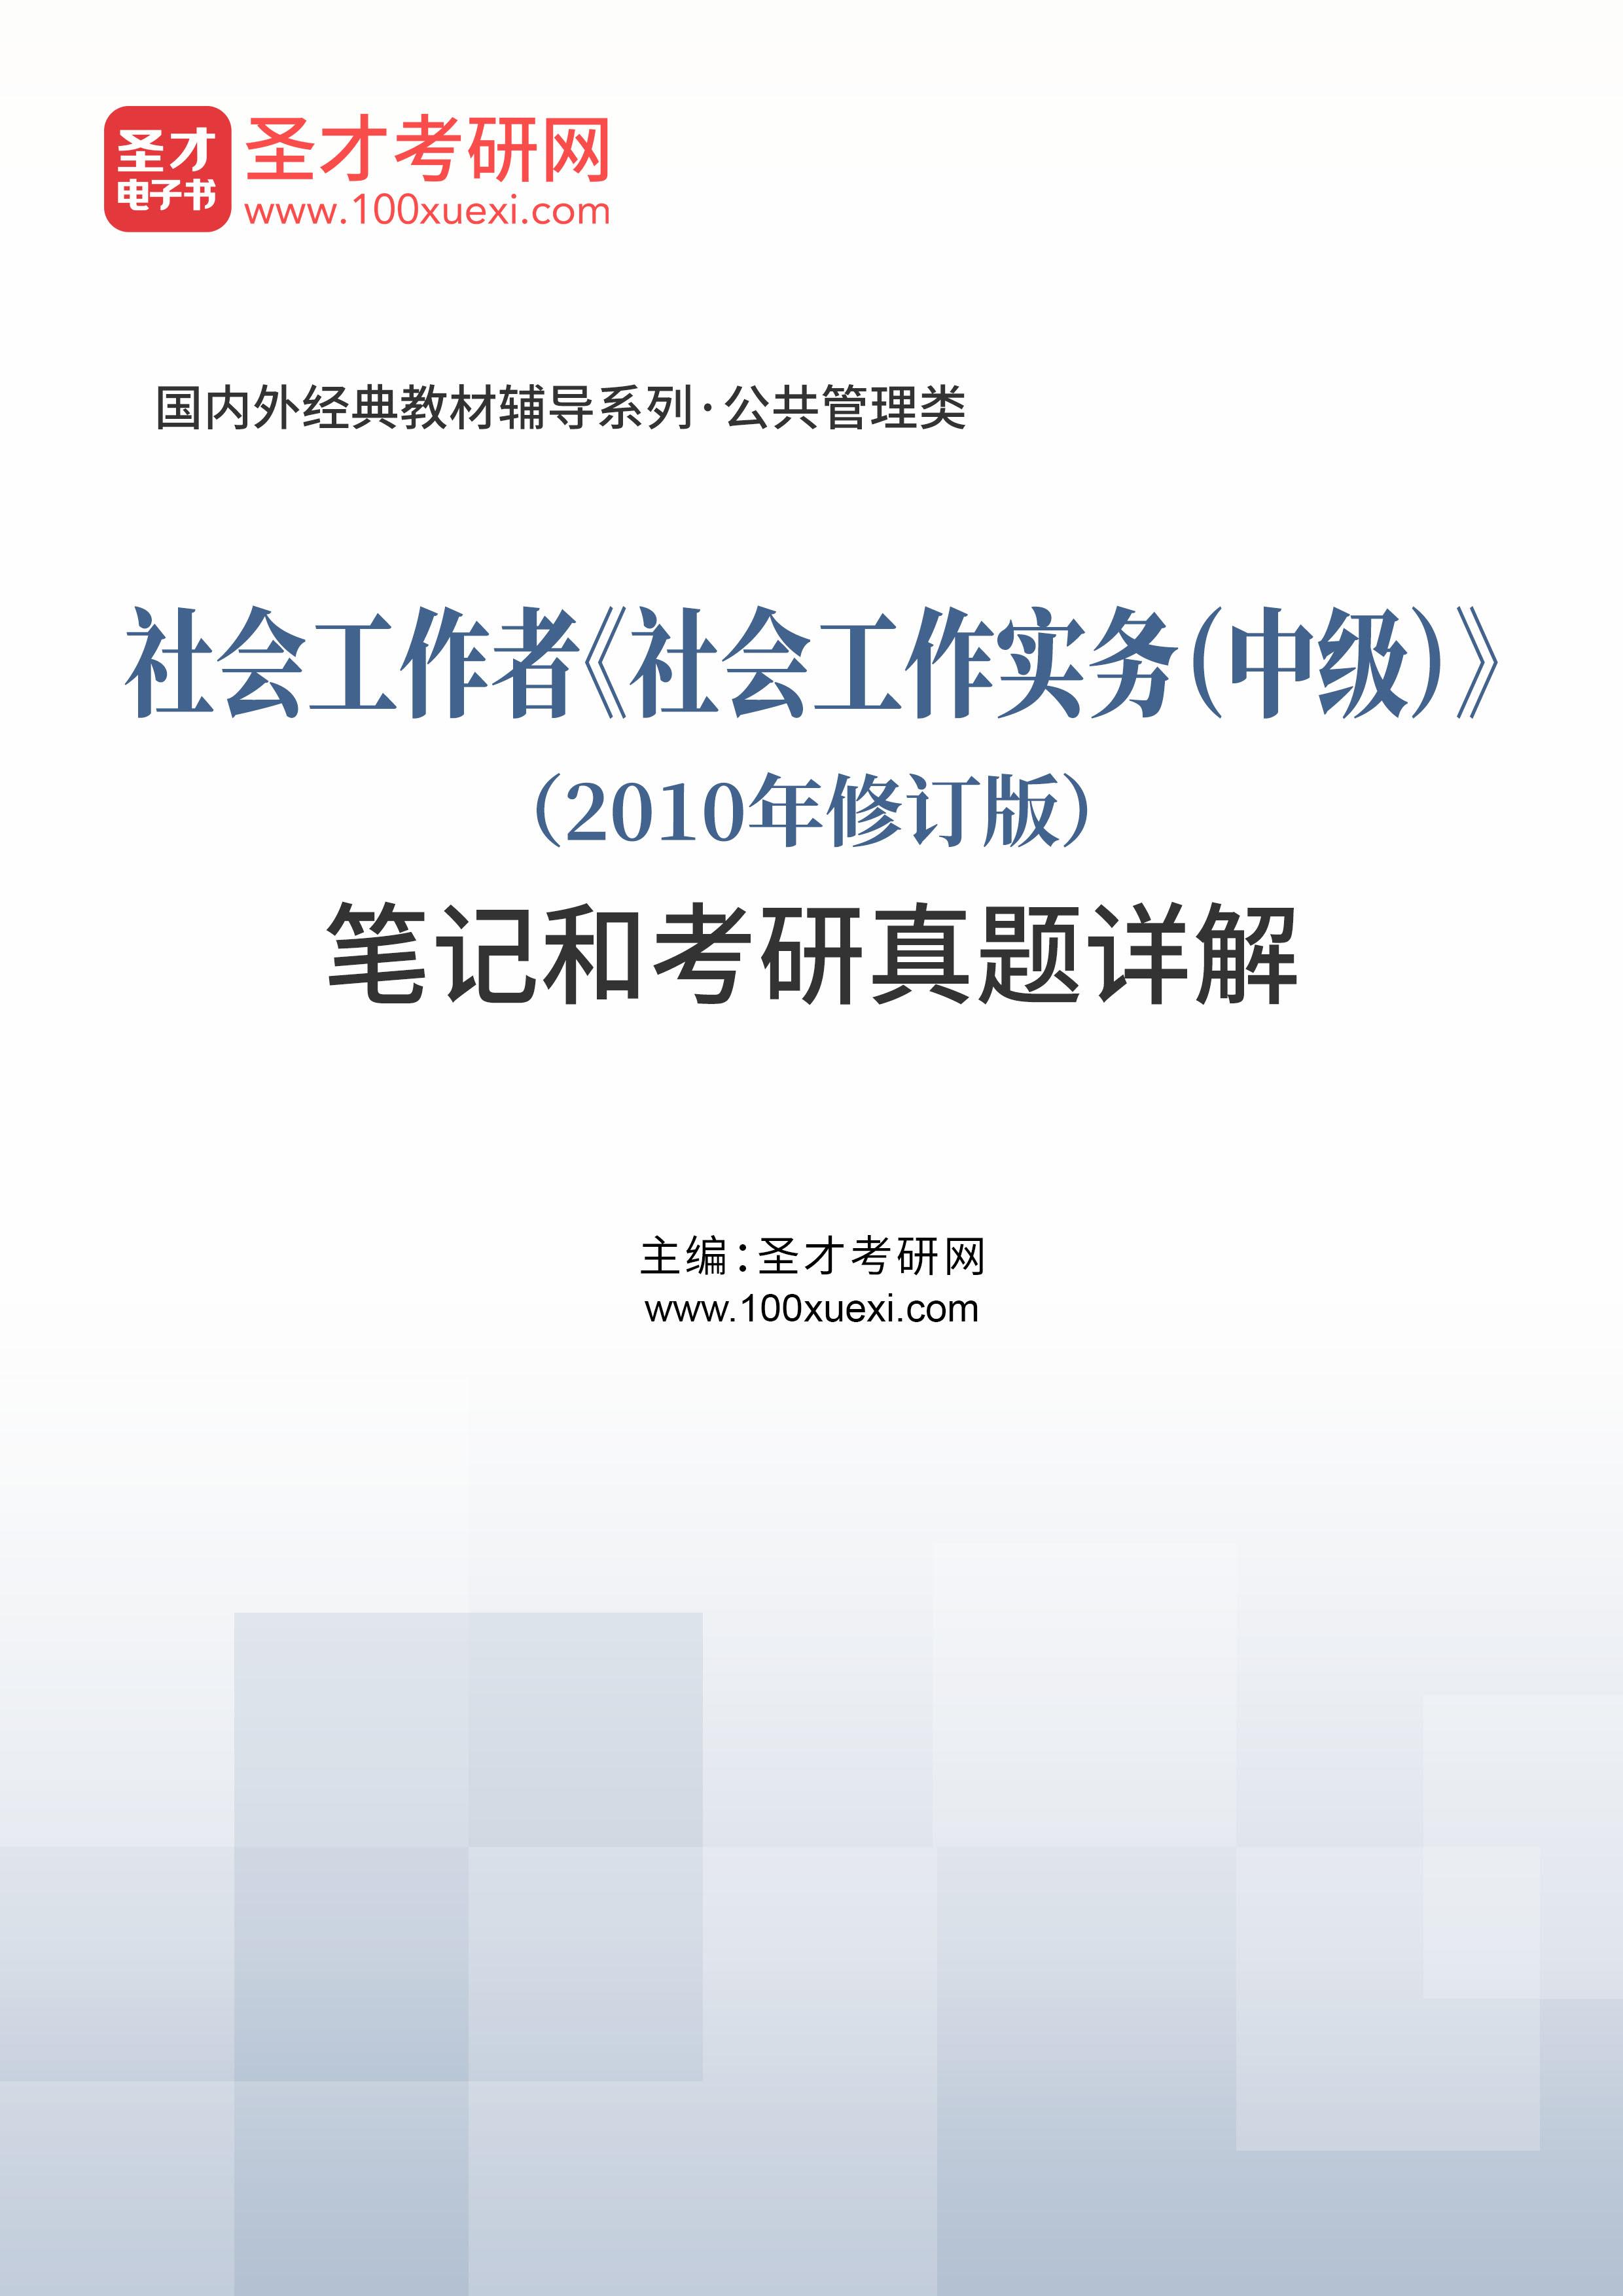 社会工作者《社会工作实务(中级)》(2010年修订版)笔记和考研真题详解